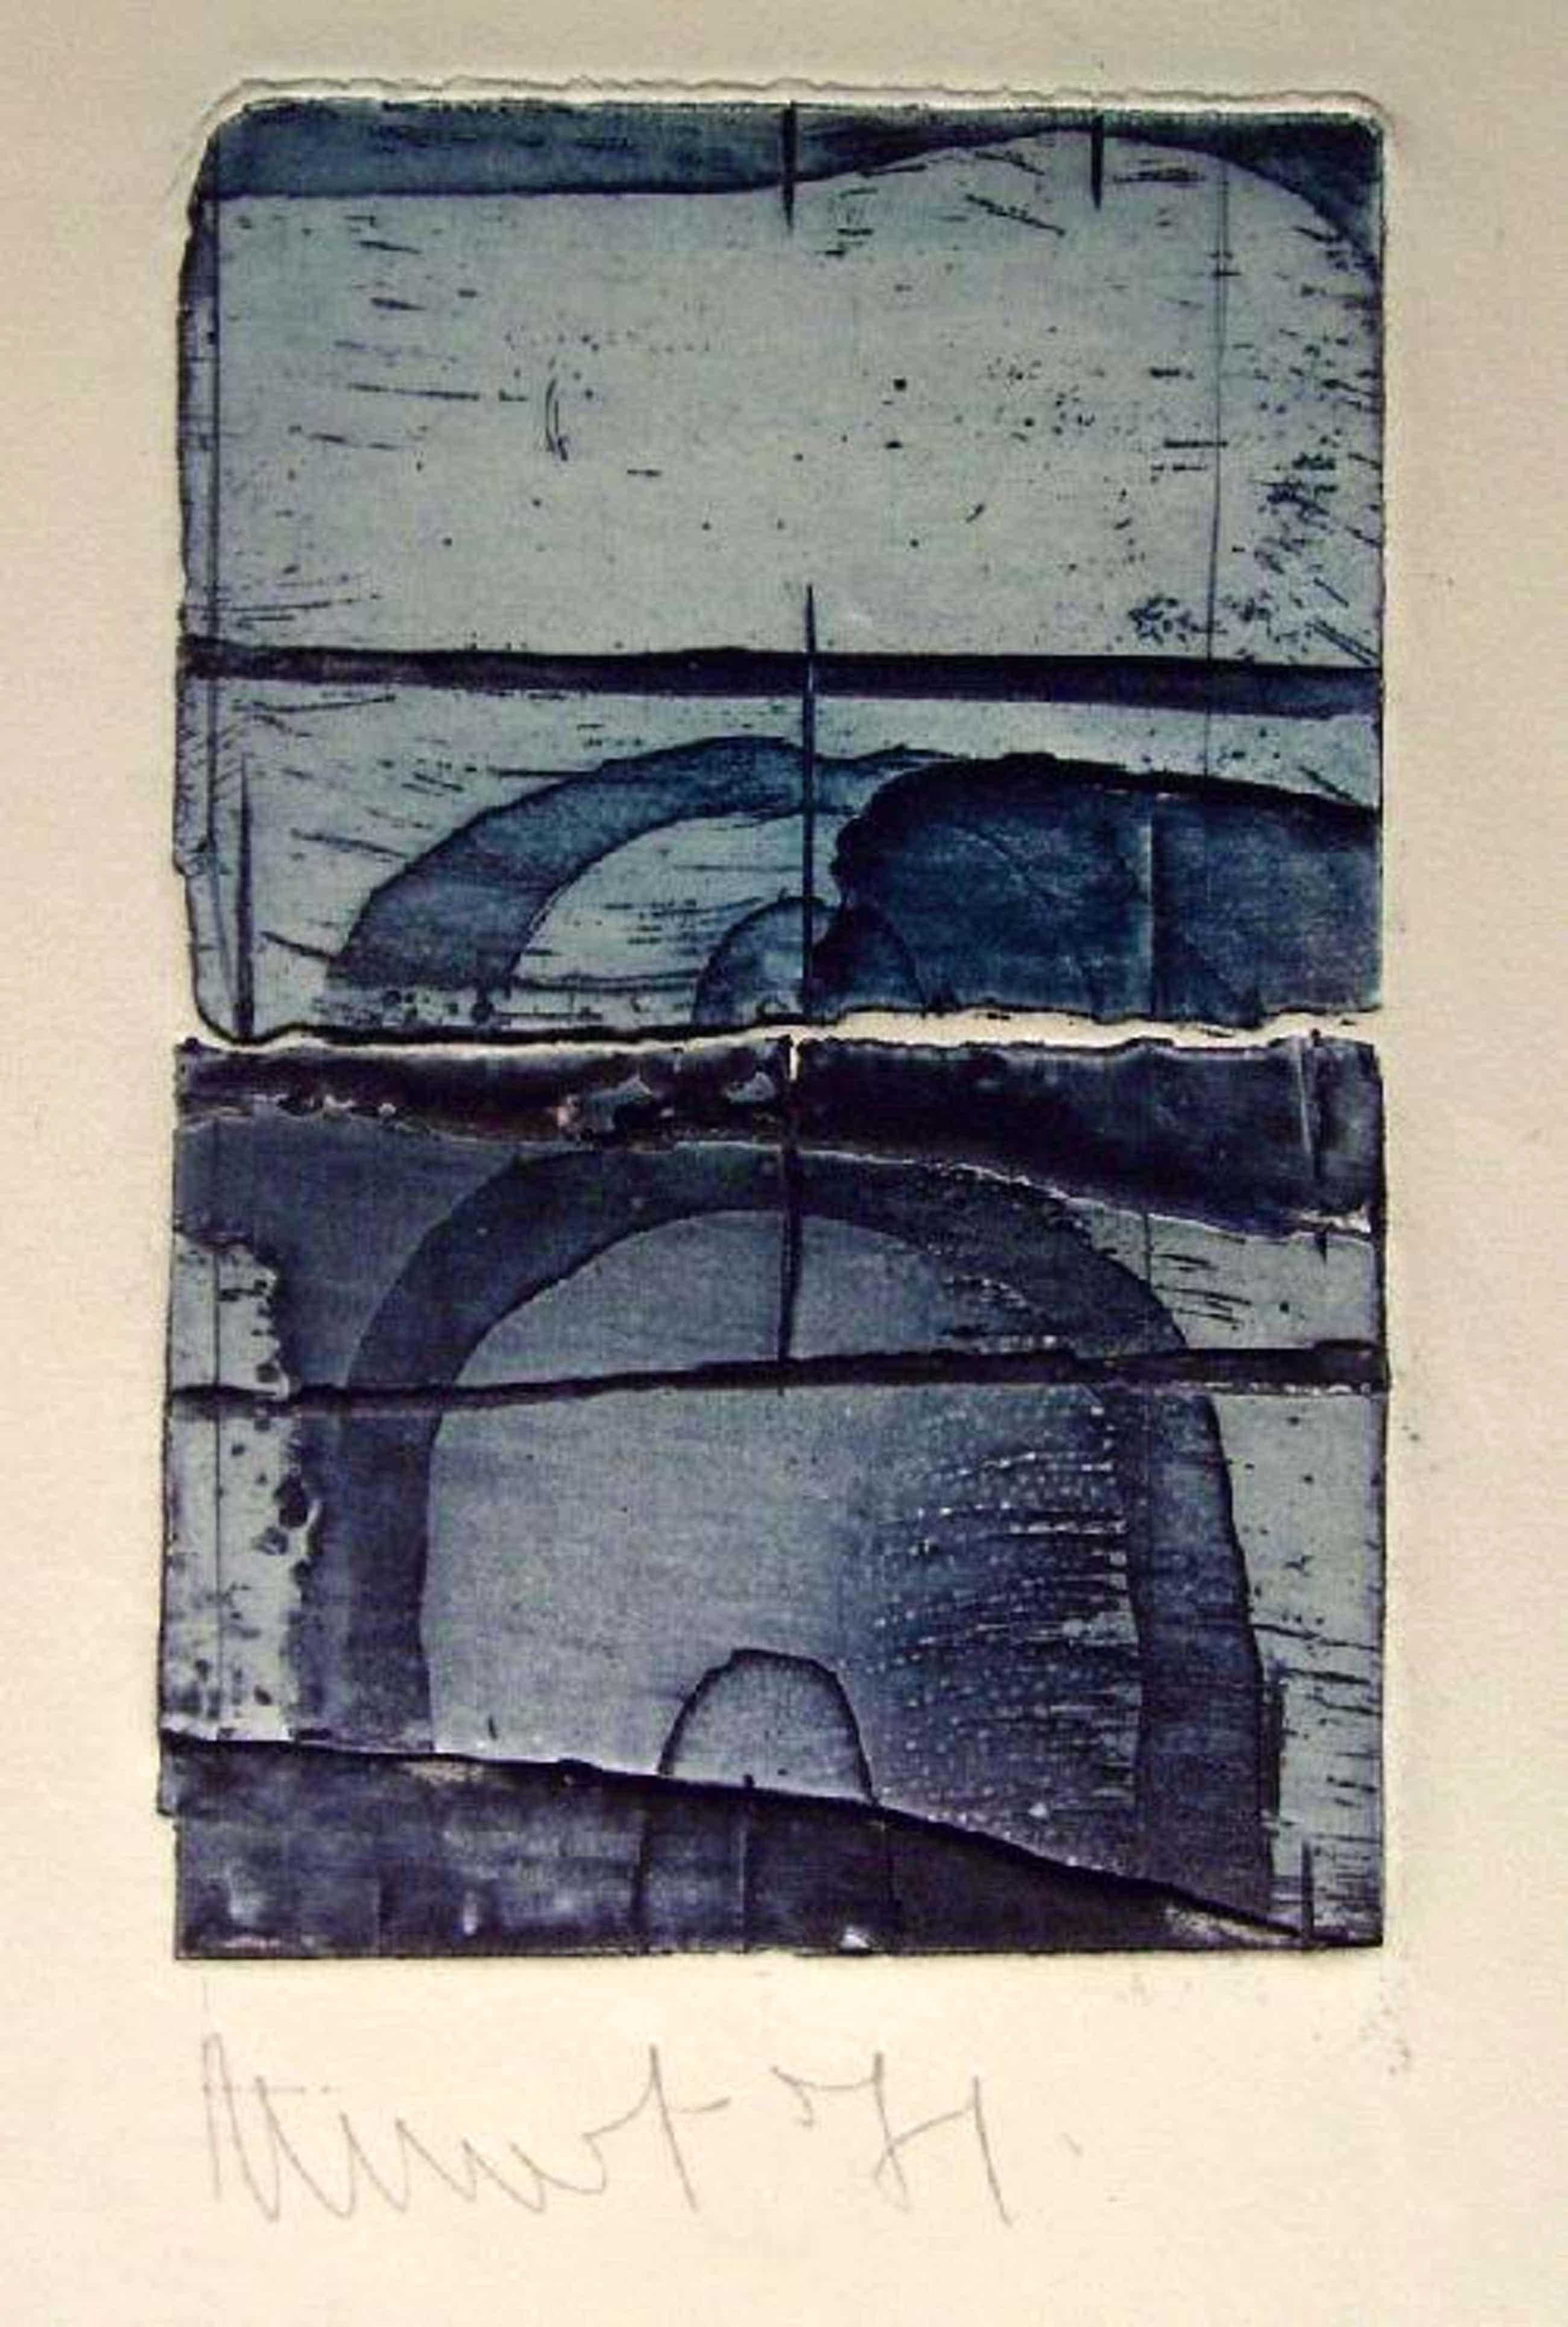 Niet of onleesbaar gesigneerd - Radierung von 1971, Blatt 16,5 x 25 cm, handsigniert: Minot (?) kopen? Bied vanaf 1!